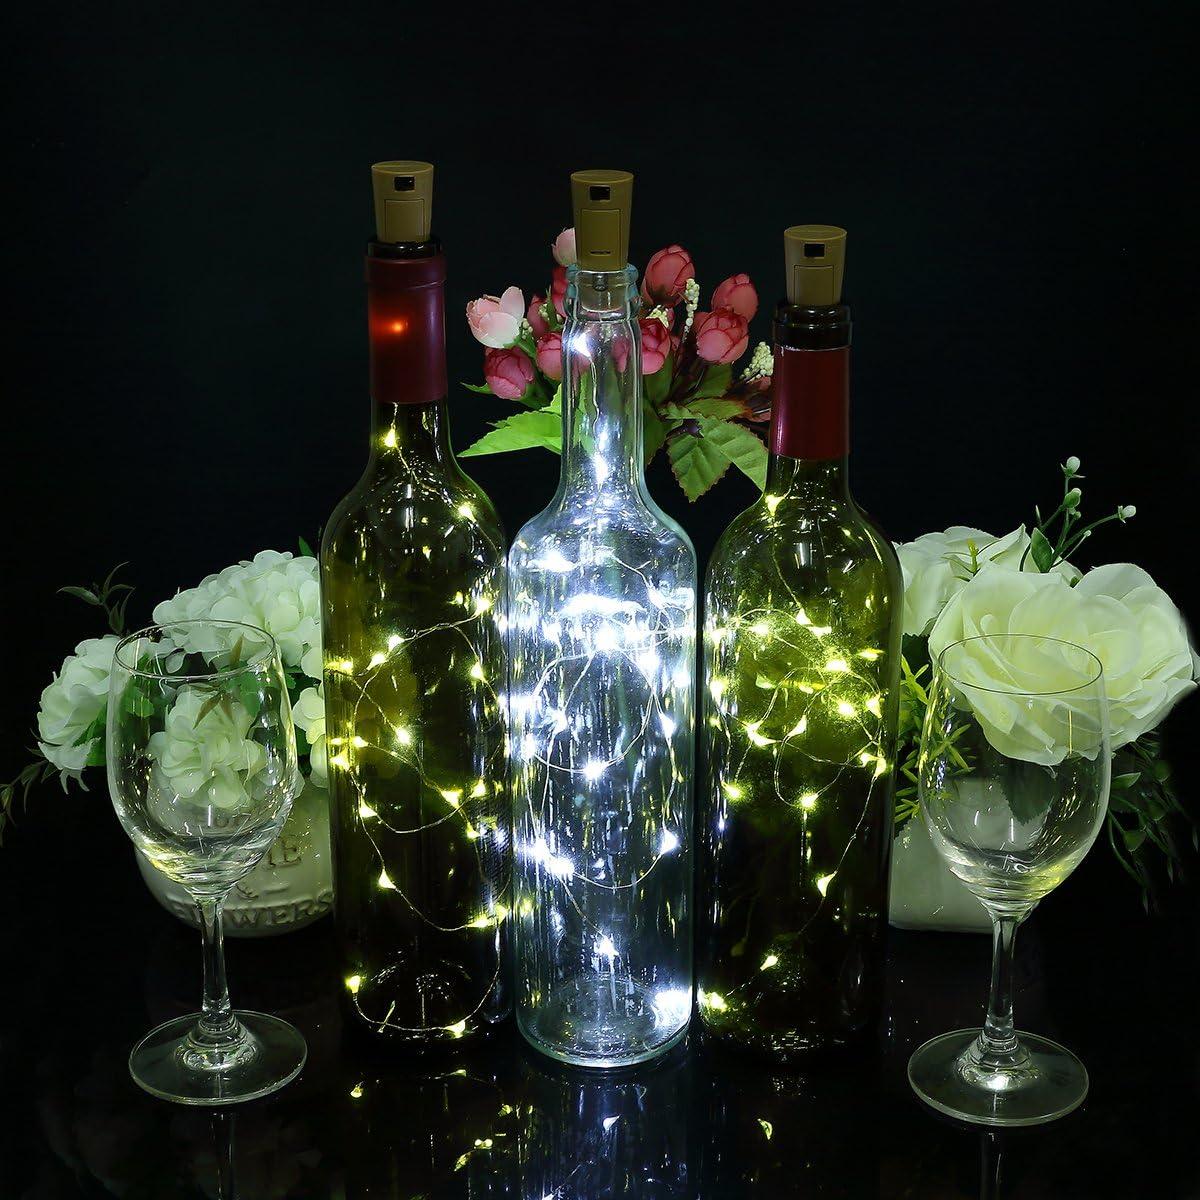 Zulux 6pcs Bottle Lights – 39 inch 20 LED Lights for Bottles, Wine Glass Light for Bottle DIY, Party, Decor, Christmas, Halloween, Wedding (White)